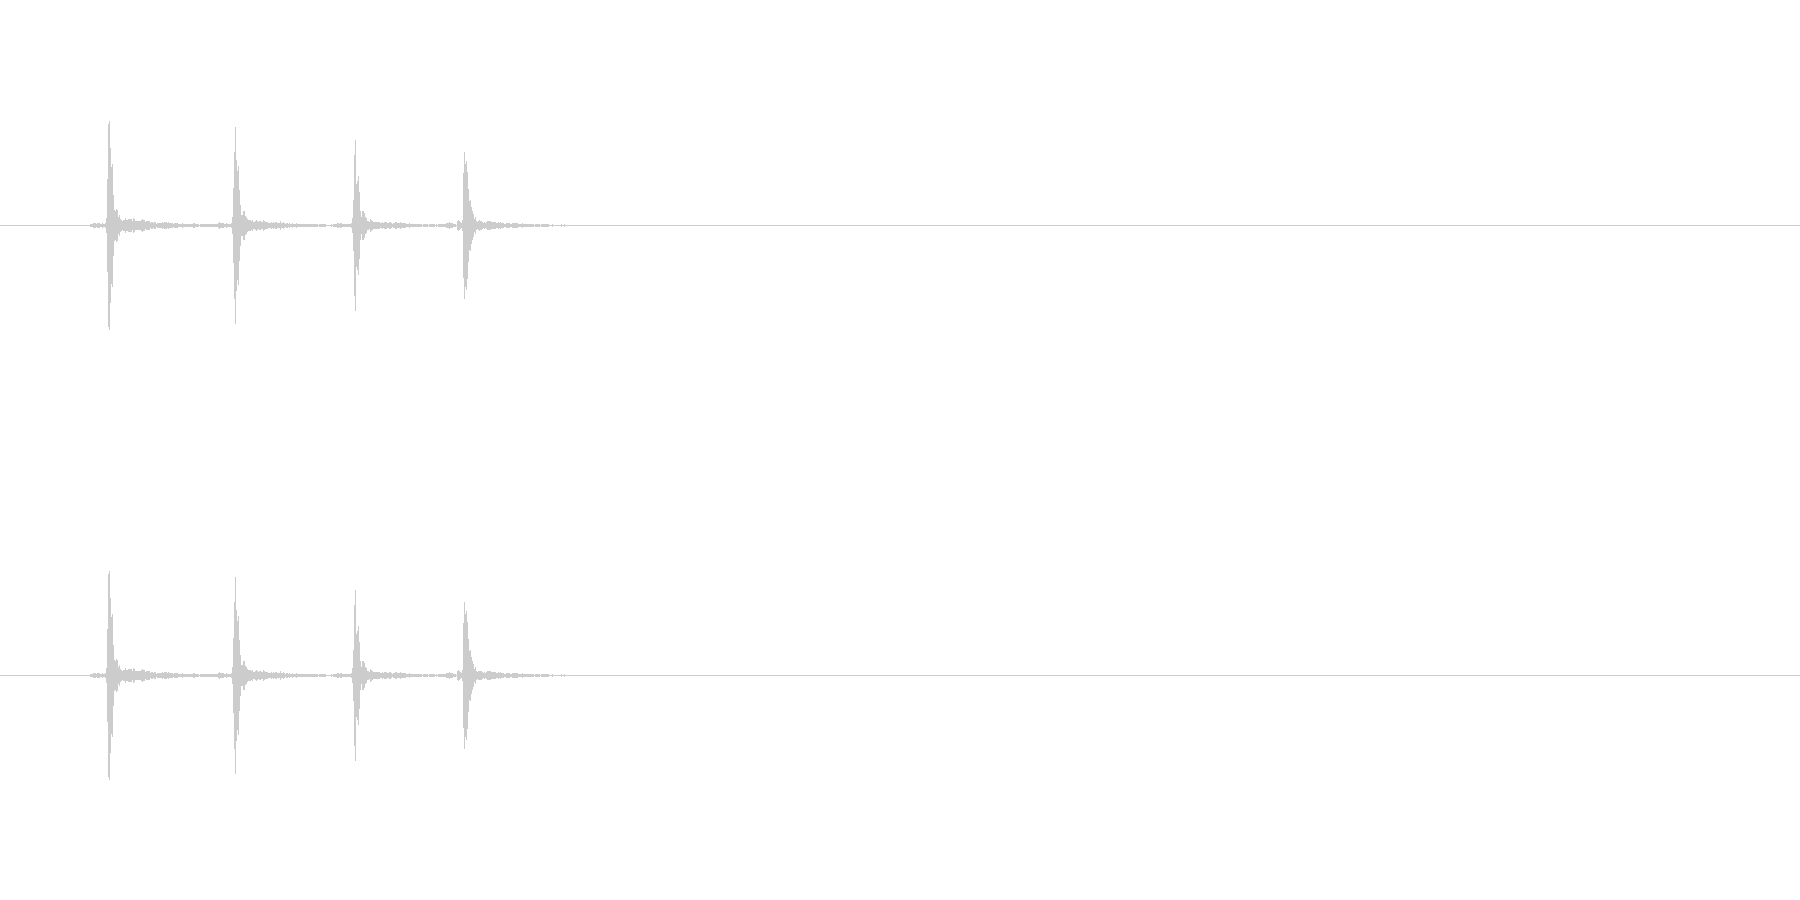 【カッター01-2(カチカチ)】の未再生の波形